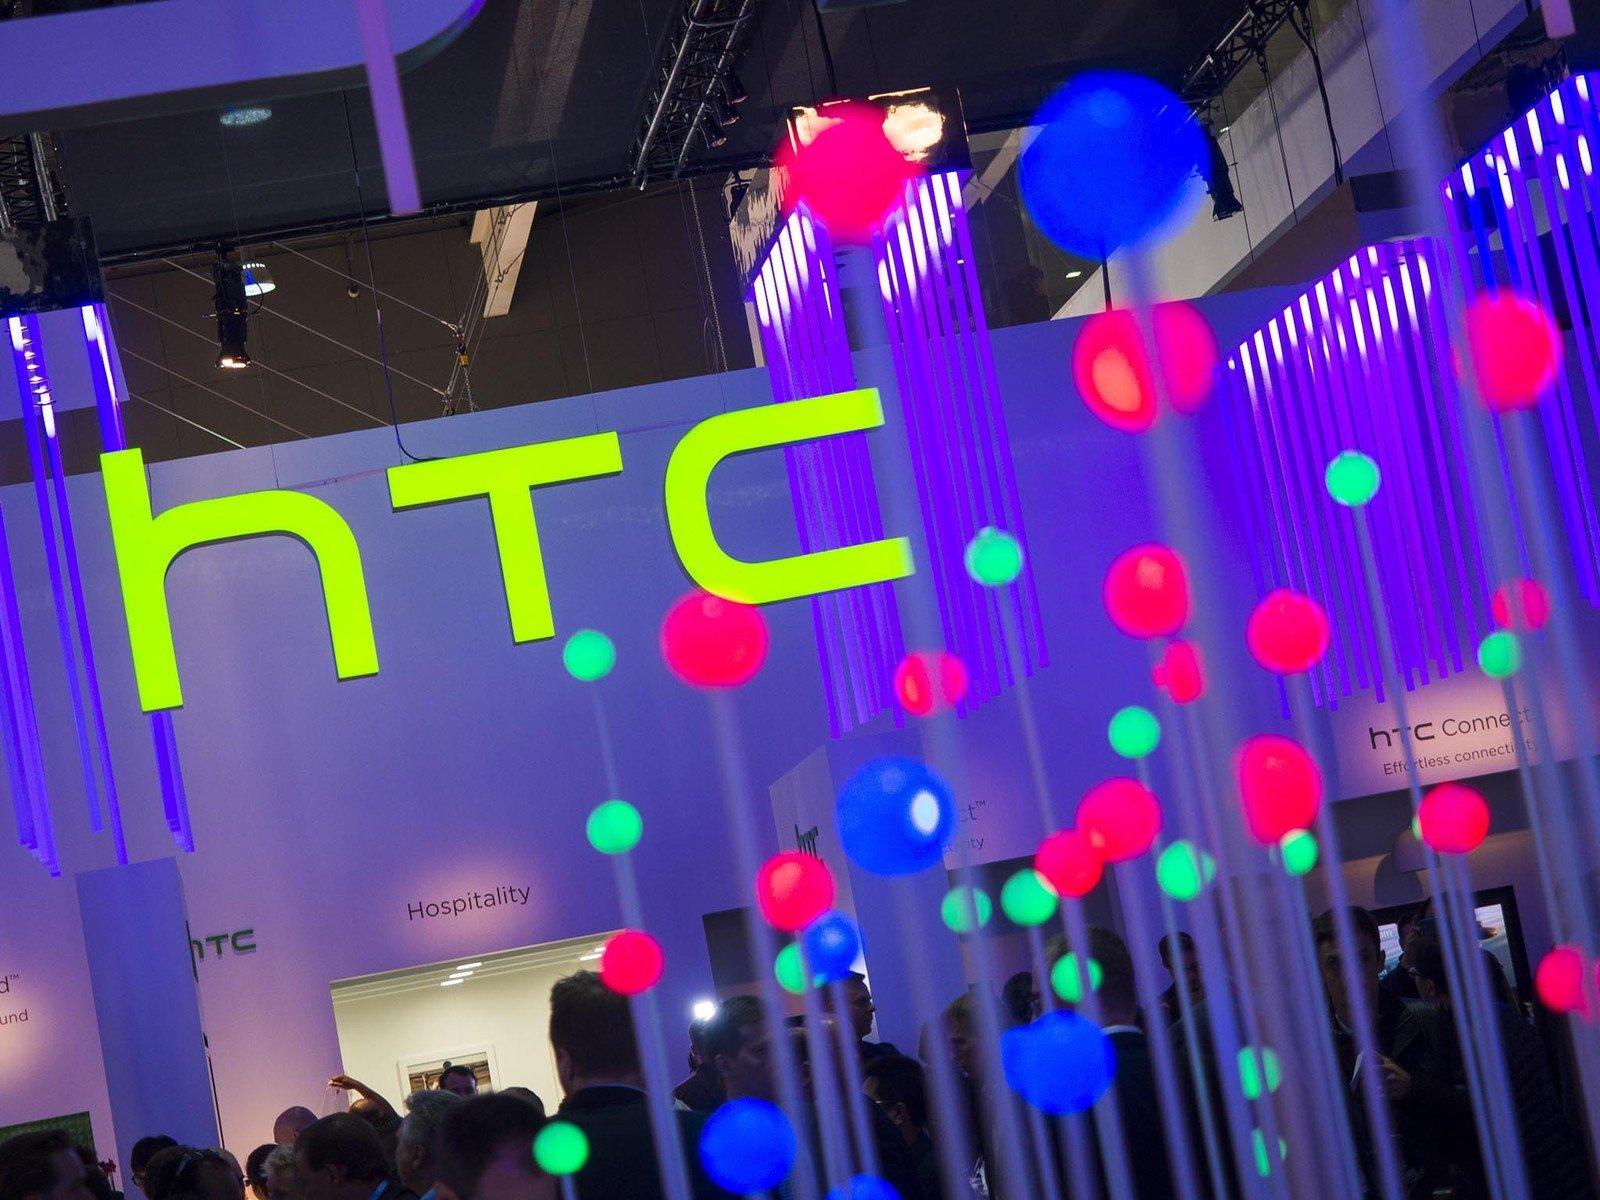 Продажи телефонов HTC упали дорекордного уровня